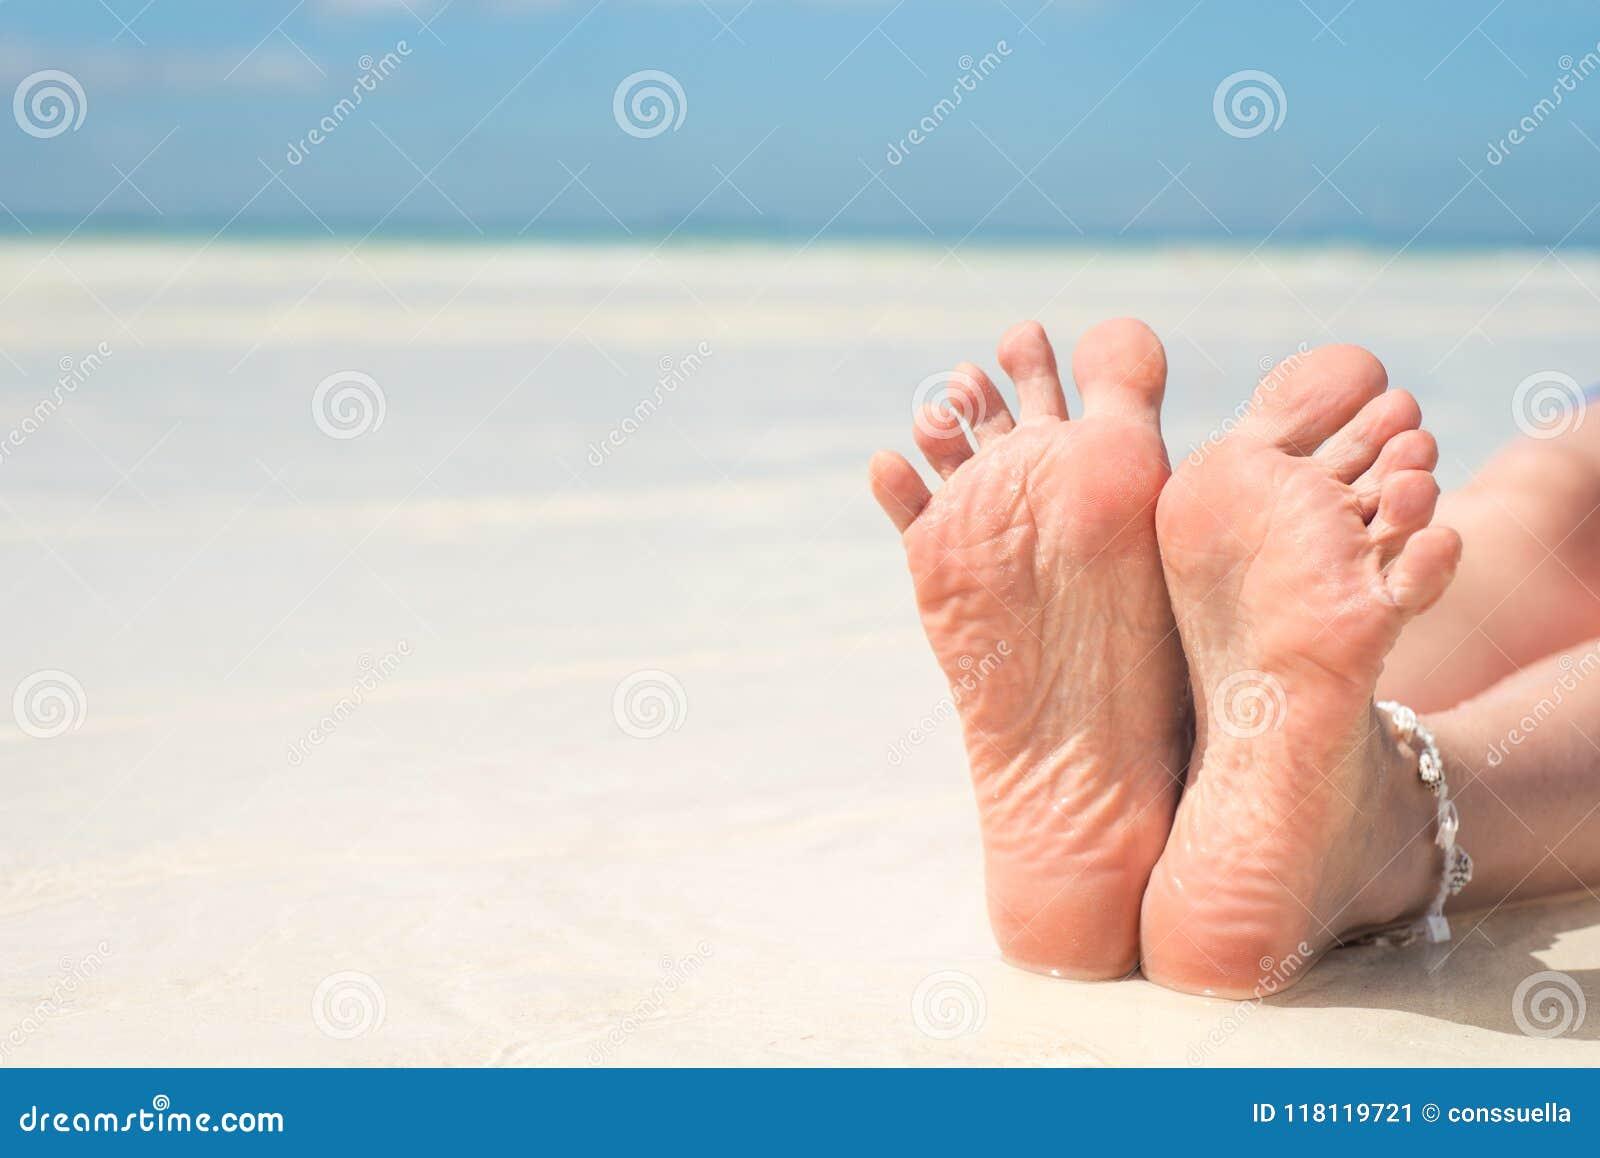 De voeten van vrouwen, op het strand, concept, toerisme, pedicure, het verzorgen